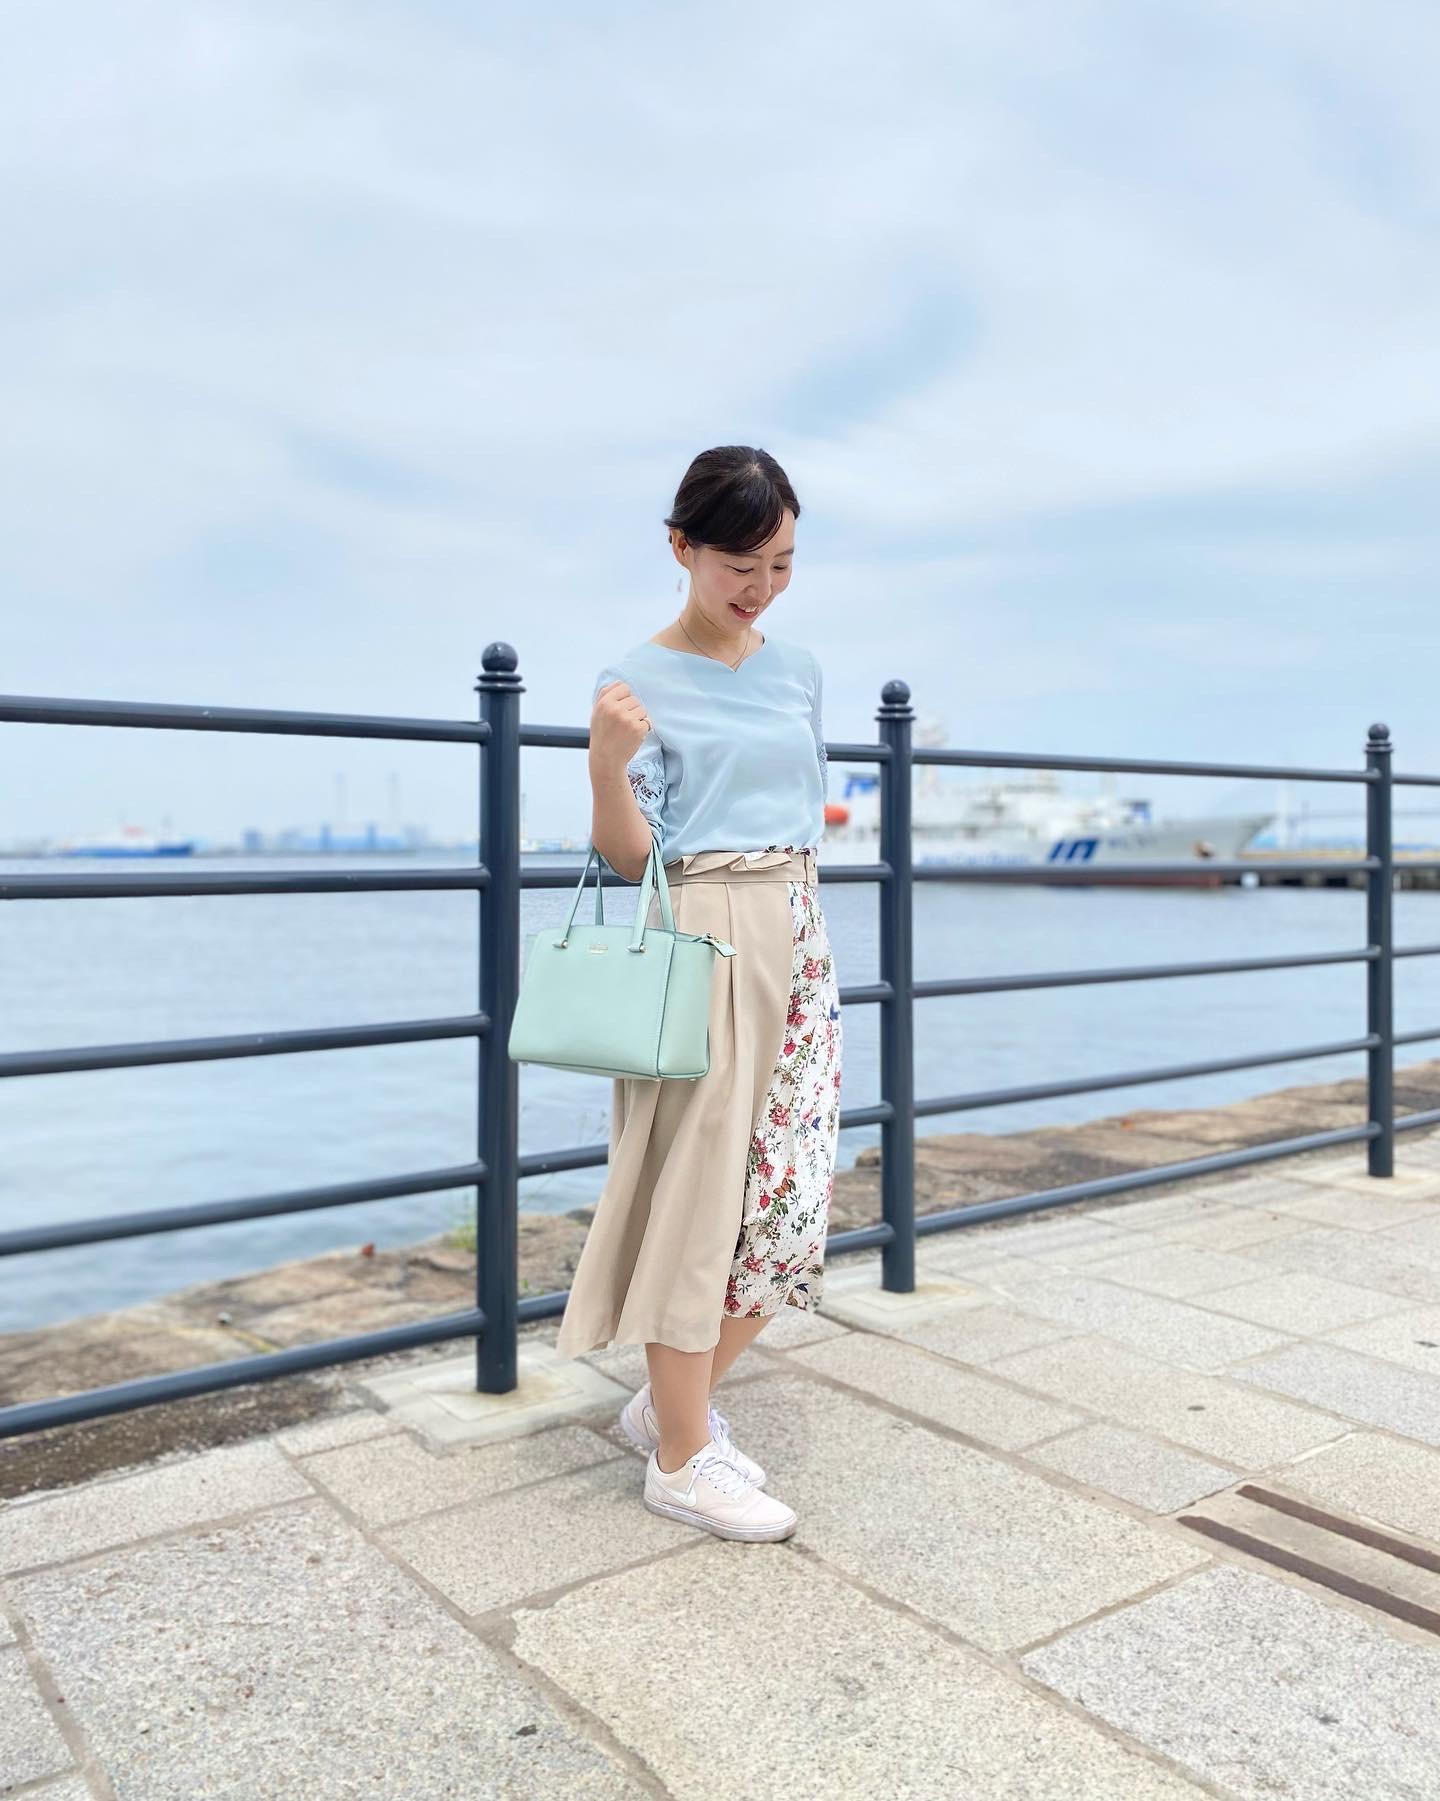 女子アナがよく着用しているTONALでお散歩コーデ_3